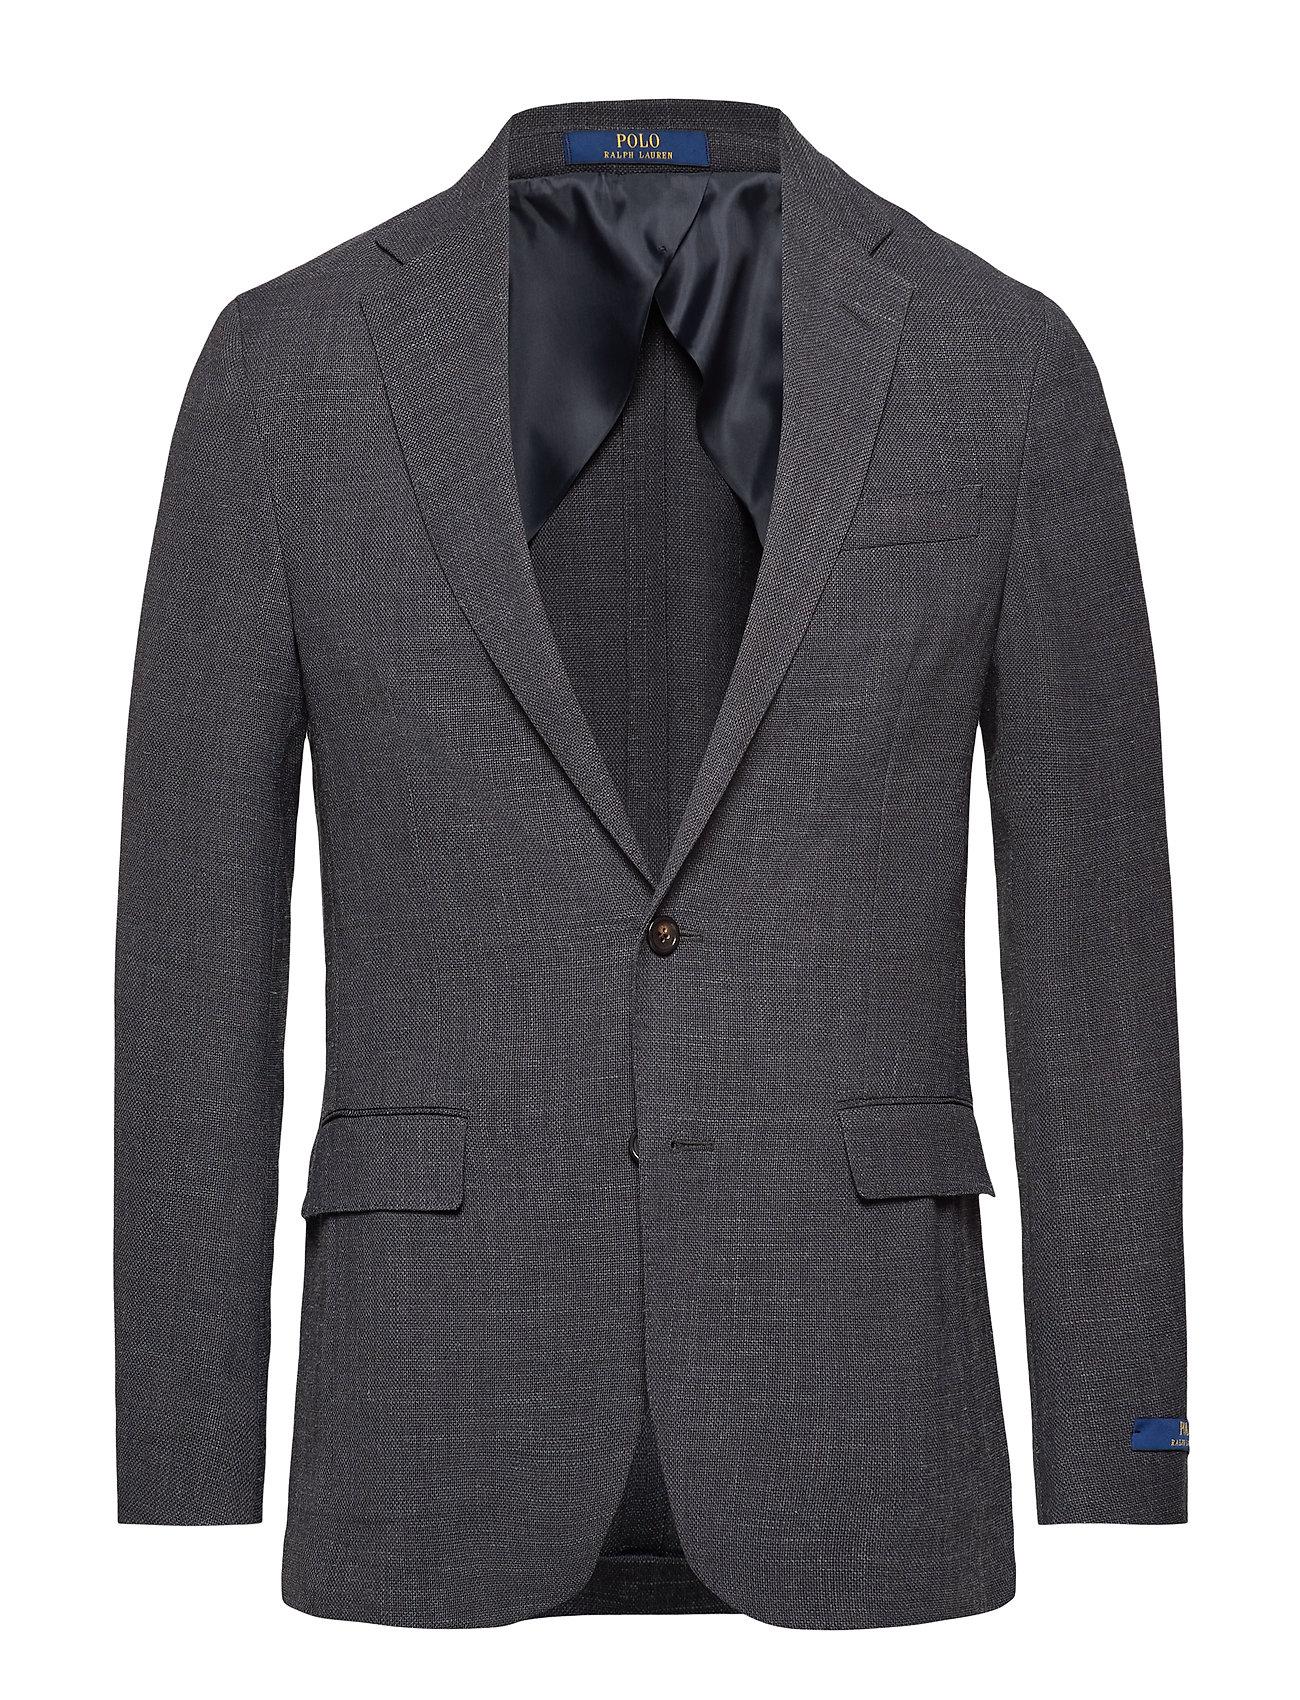 Polo Ralph Lauren Morgan Textured Sport Coat